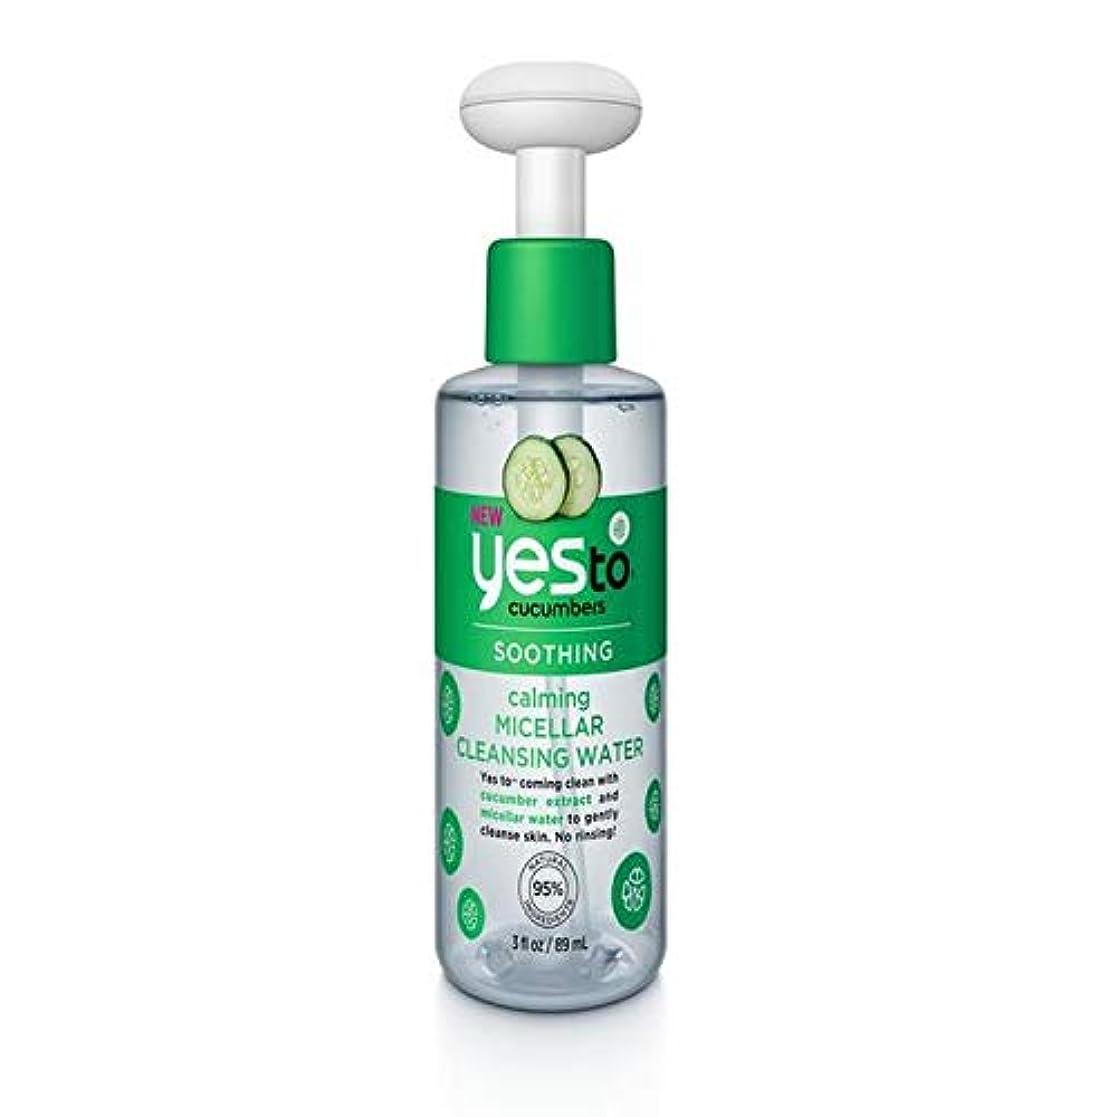 レーニン主義許可韓国[YES TO! ] 89ミリリットルを落ち着かはいキュウリにミセル洗浄水 - Yes To Cucumbers Micellar Cleansing Water Calming 89ml [並行輸入品]